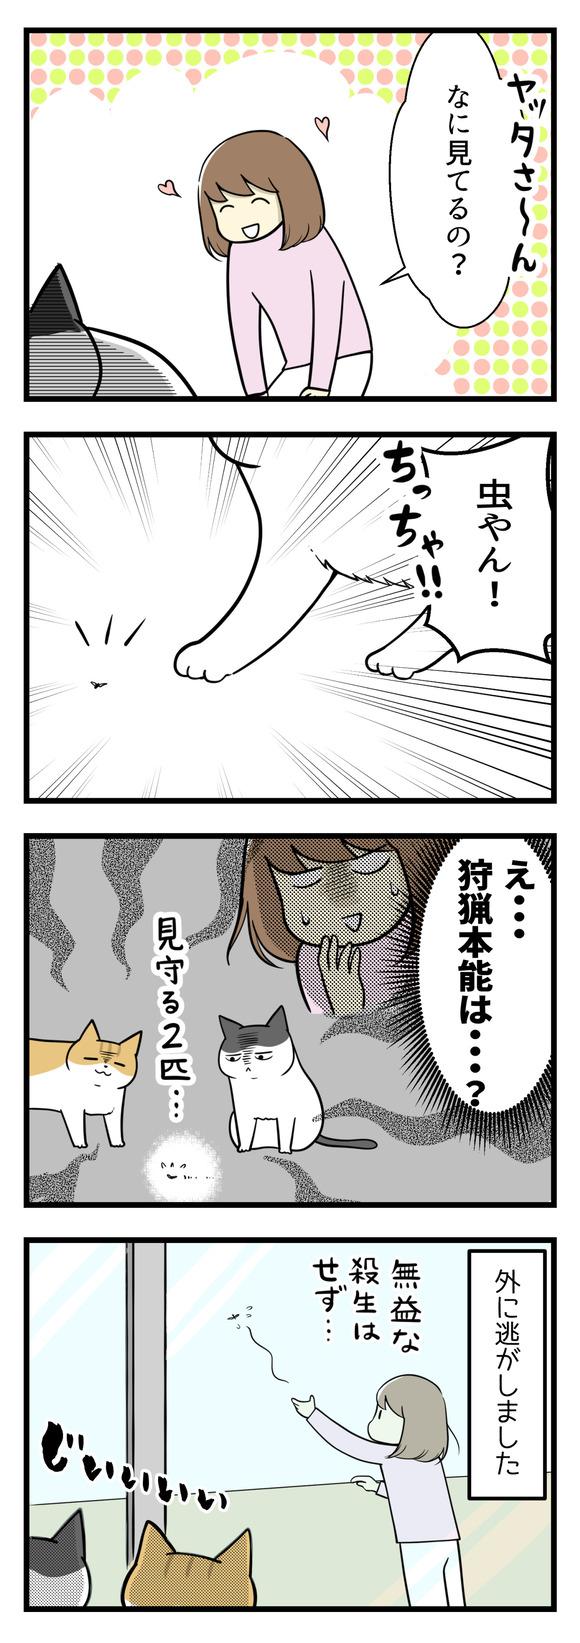 猫の本能がよくわからない!-2-